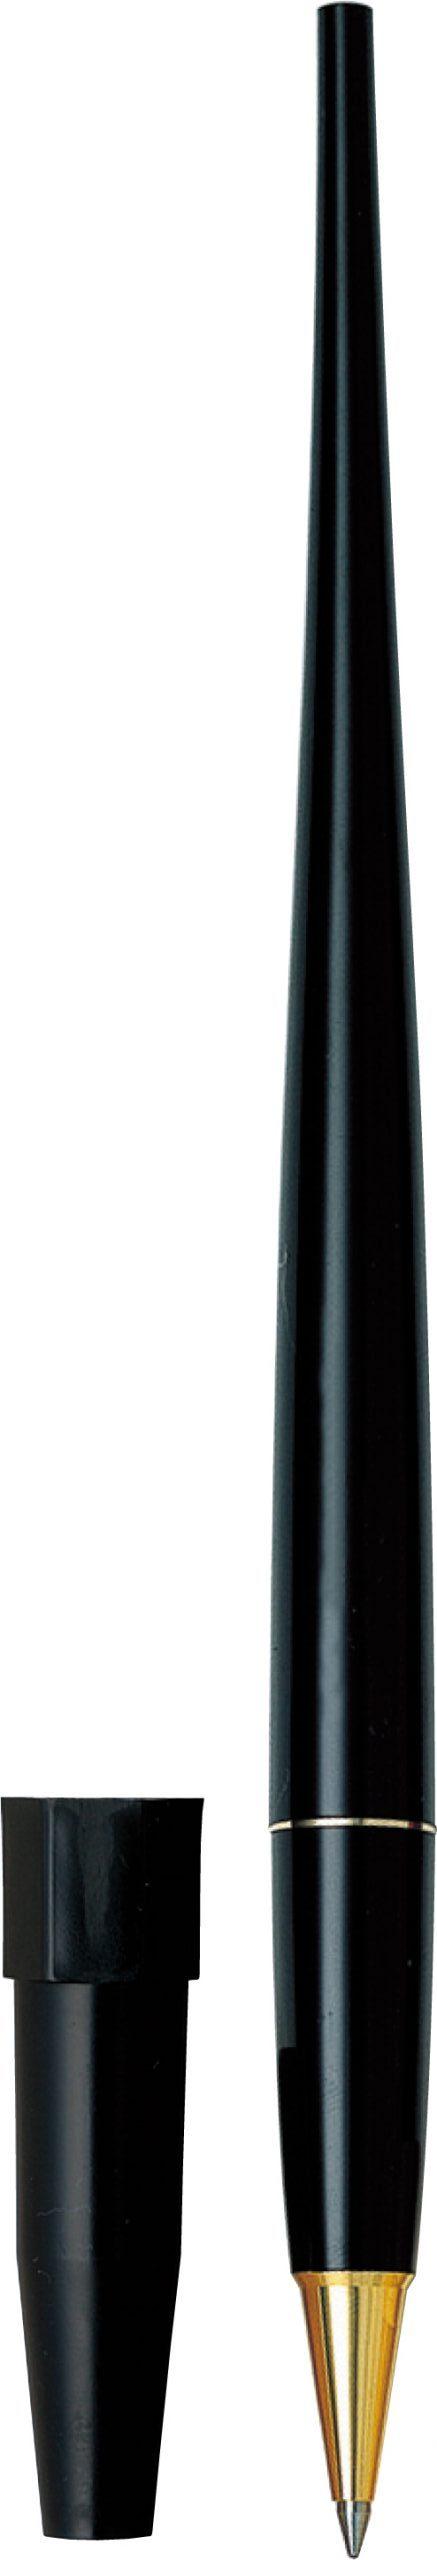 デスクボールペン